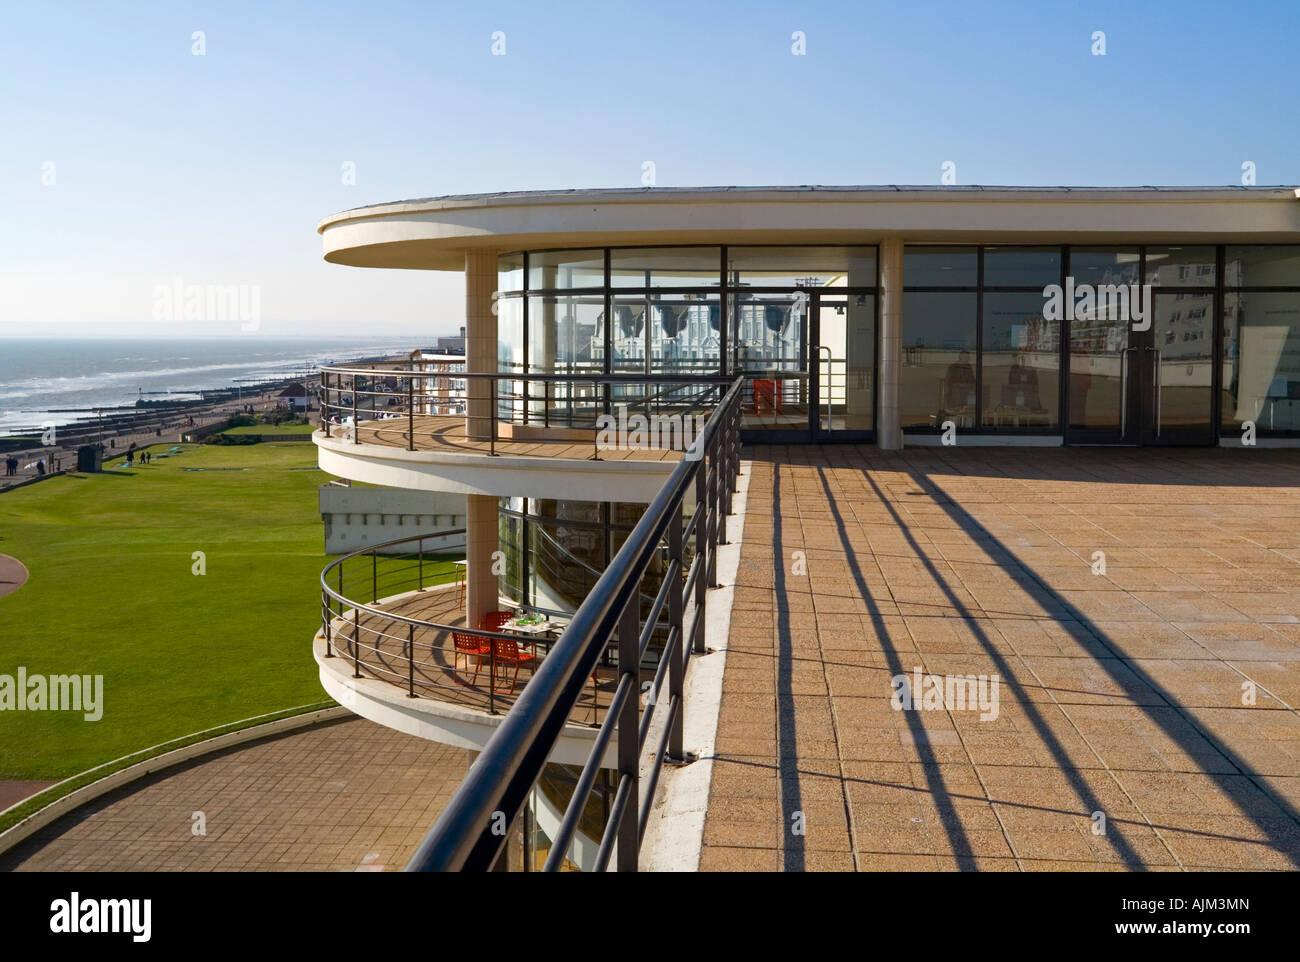 De l'extérieur De La Warr Pavilion à Bexhill on Sea East Sussex UK Conçu par Erich Mendelsohn et Serge ChermayeffBanque D'Images